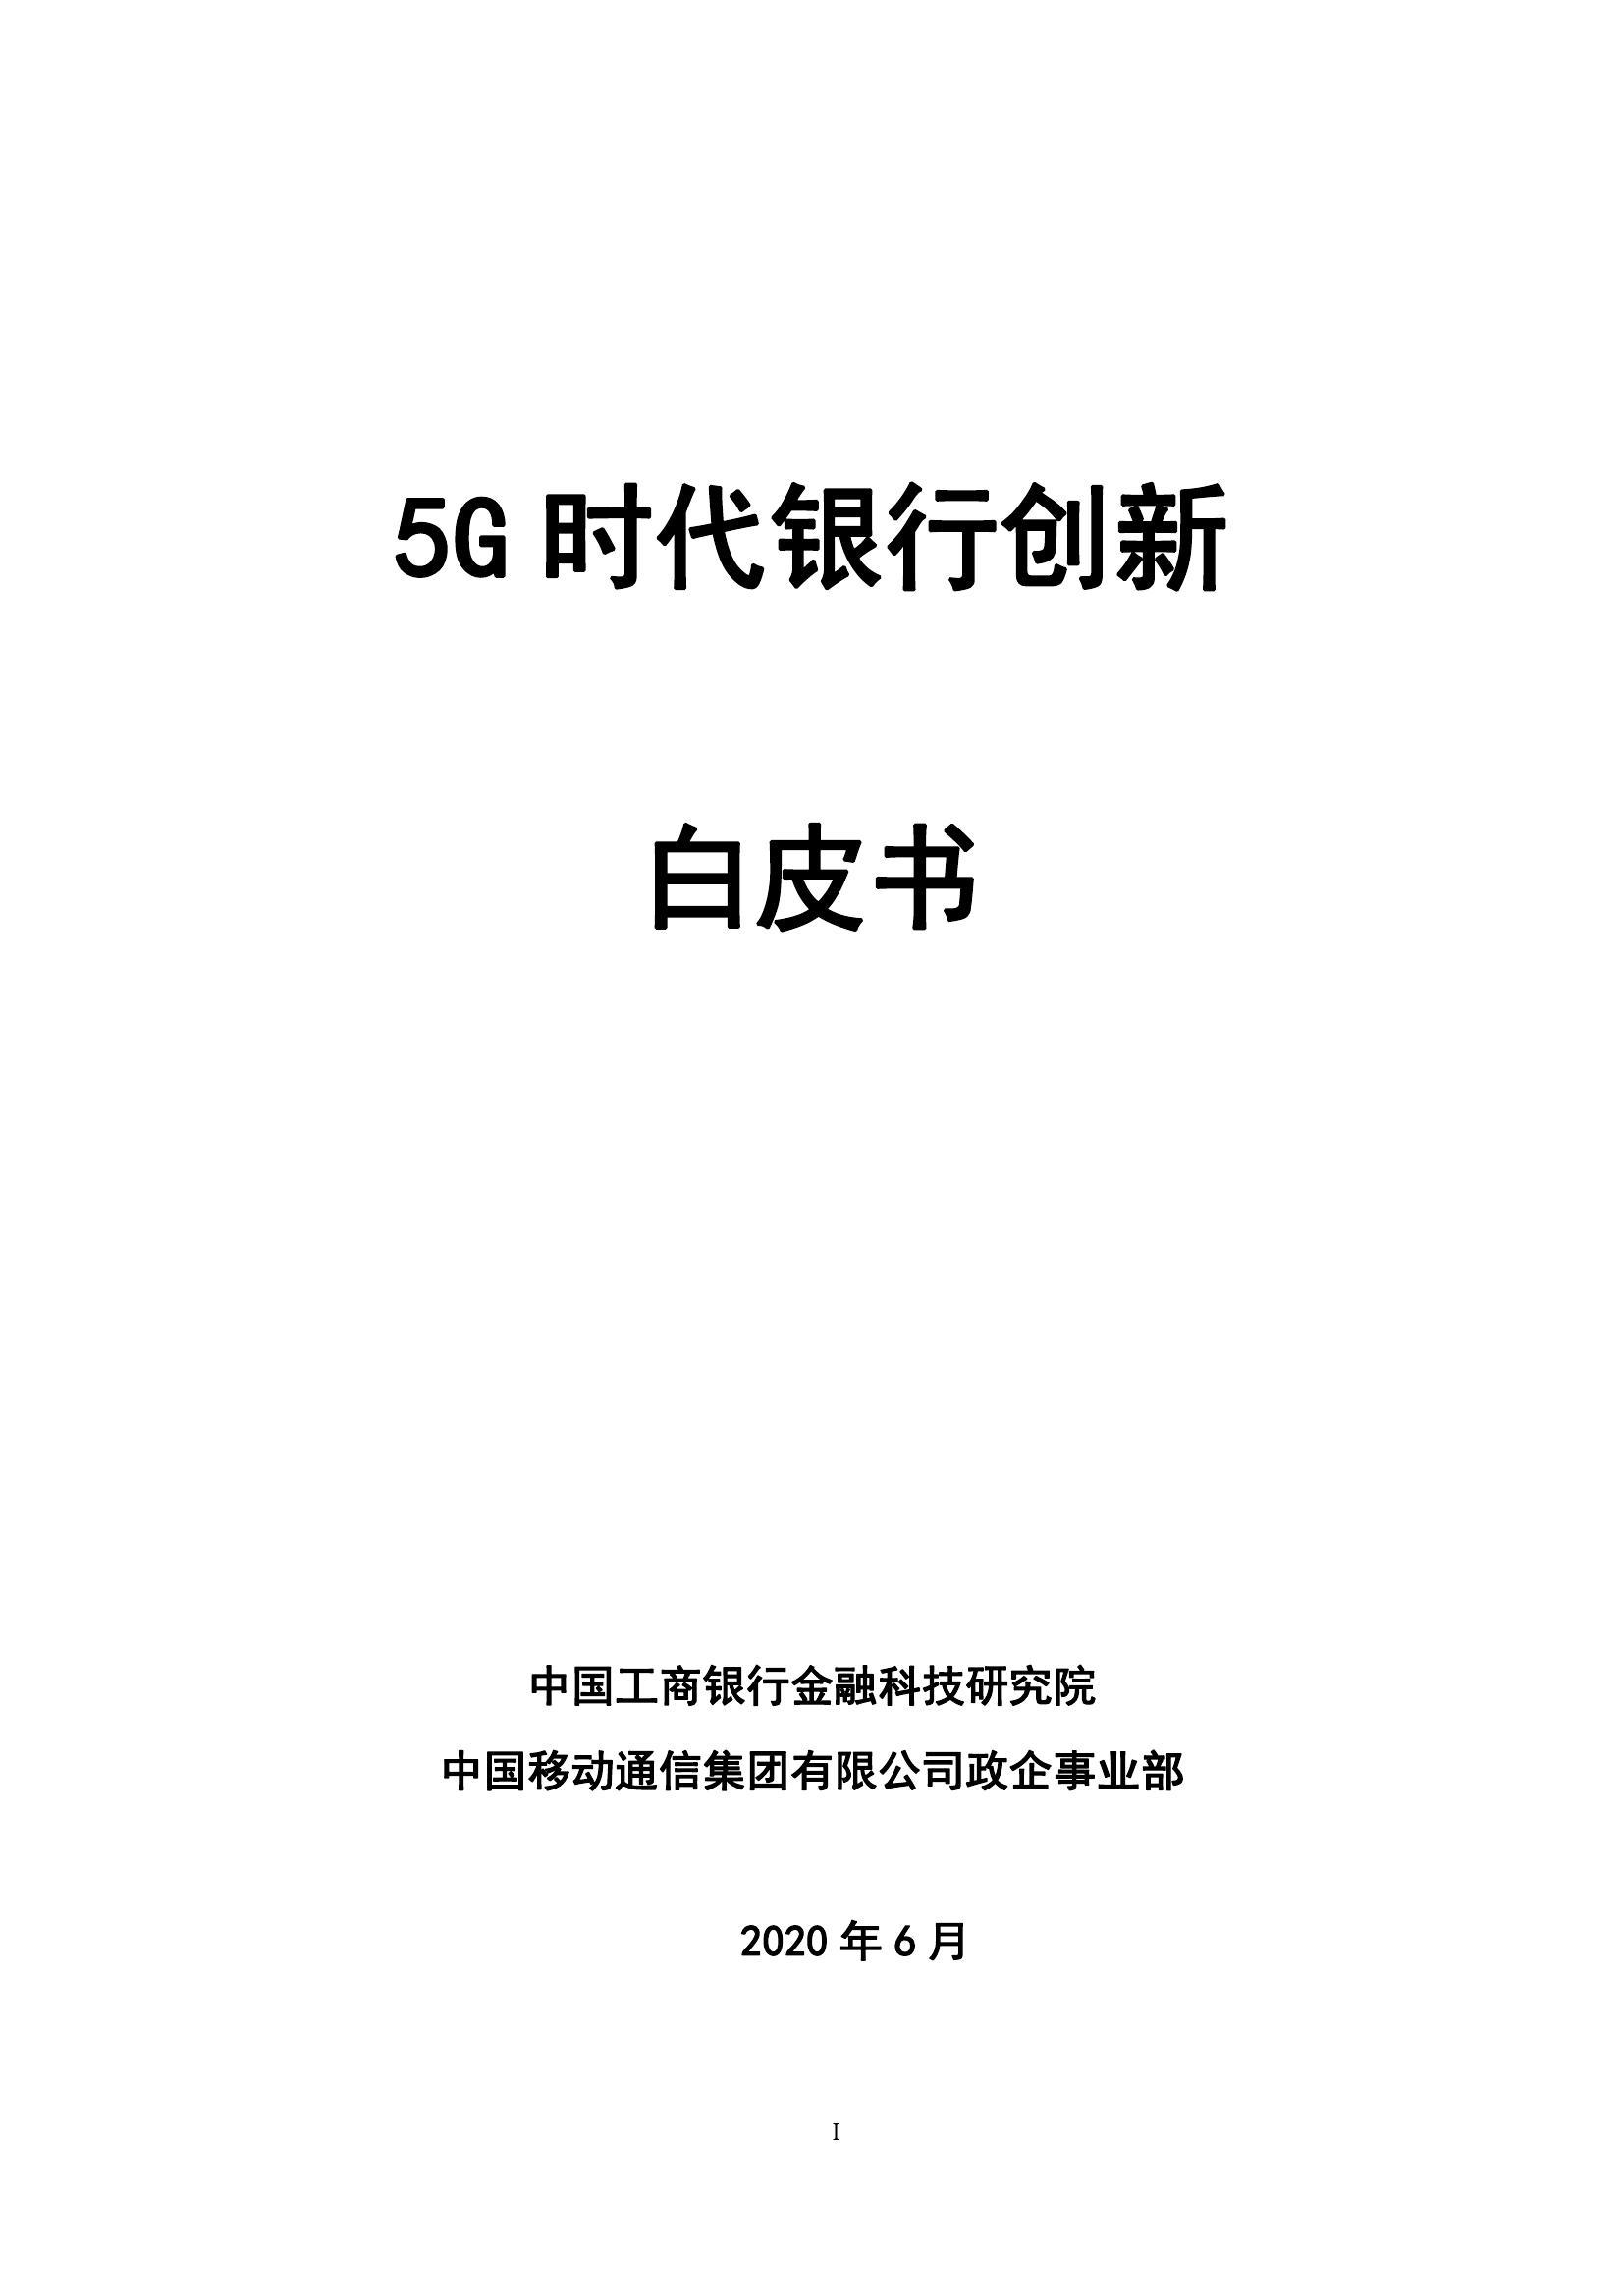 工商银行:5G时代银行创新白皮书(附下载)